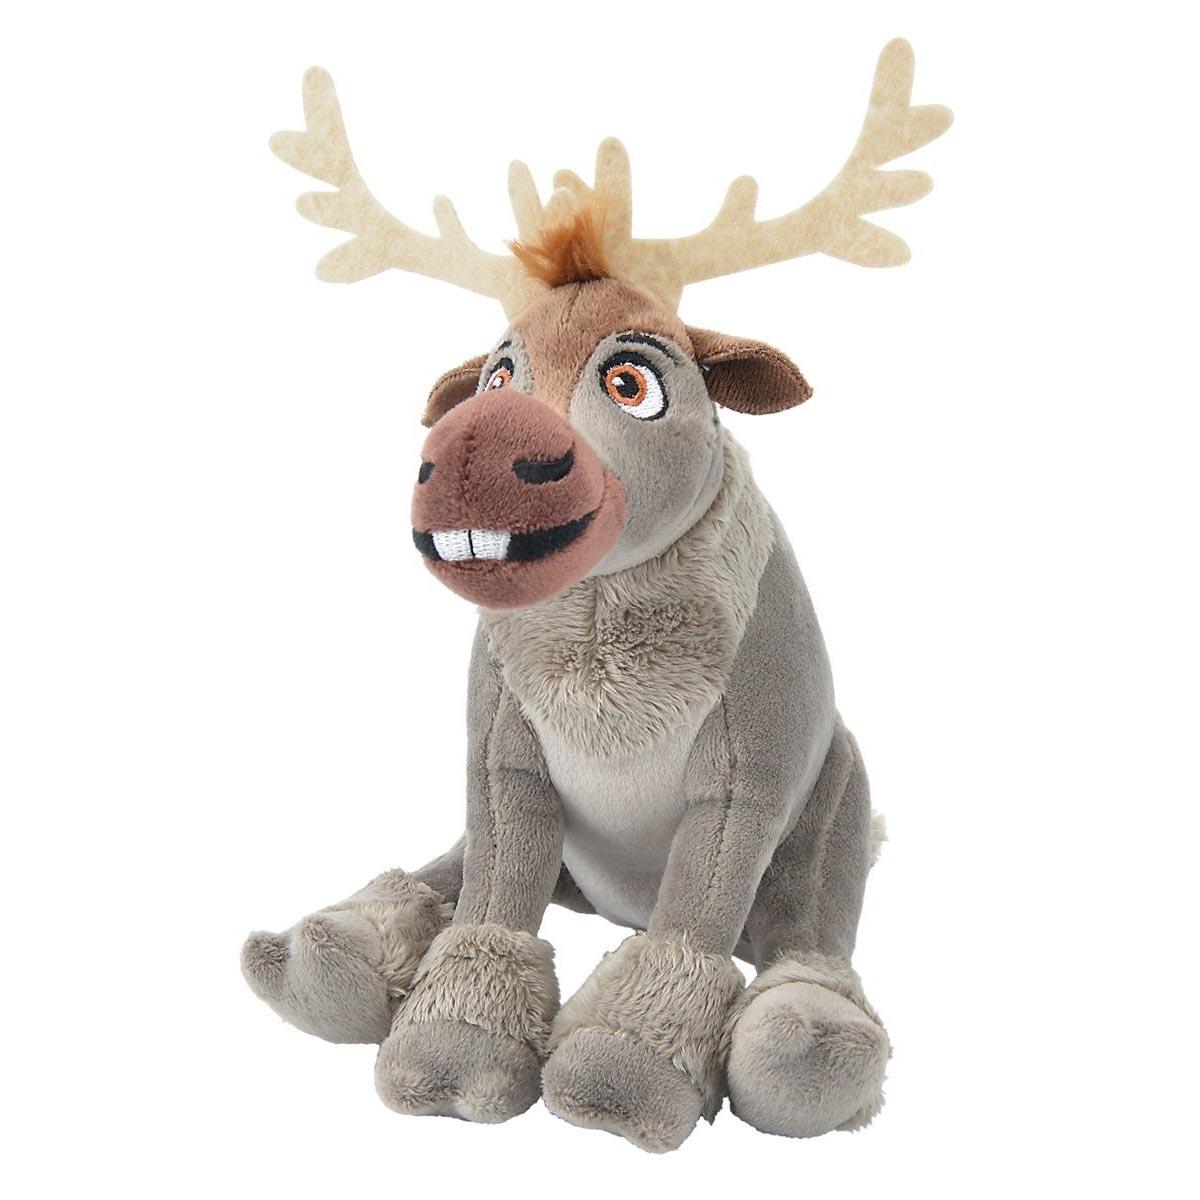 Купить Мягкая игрушка - Свен, 25 см., Nicotoy